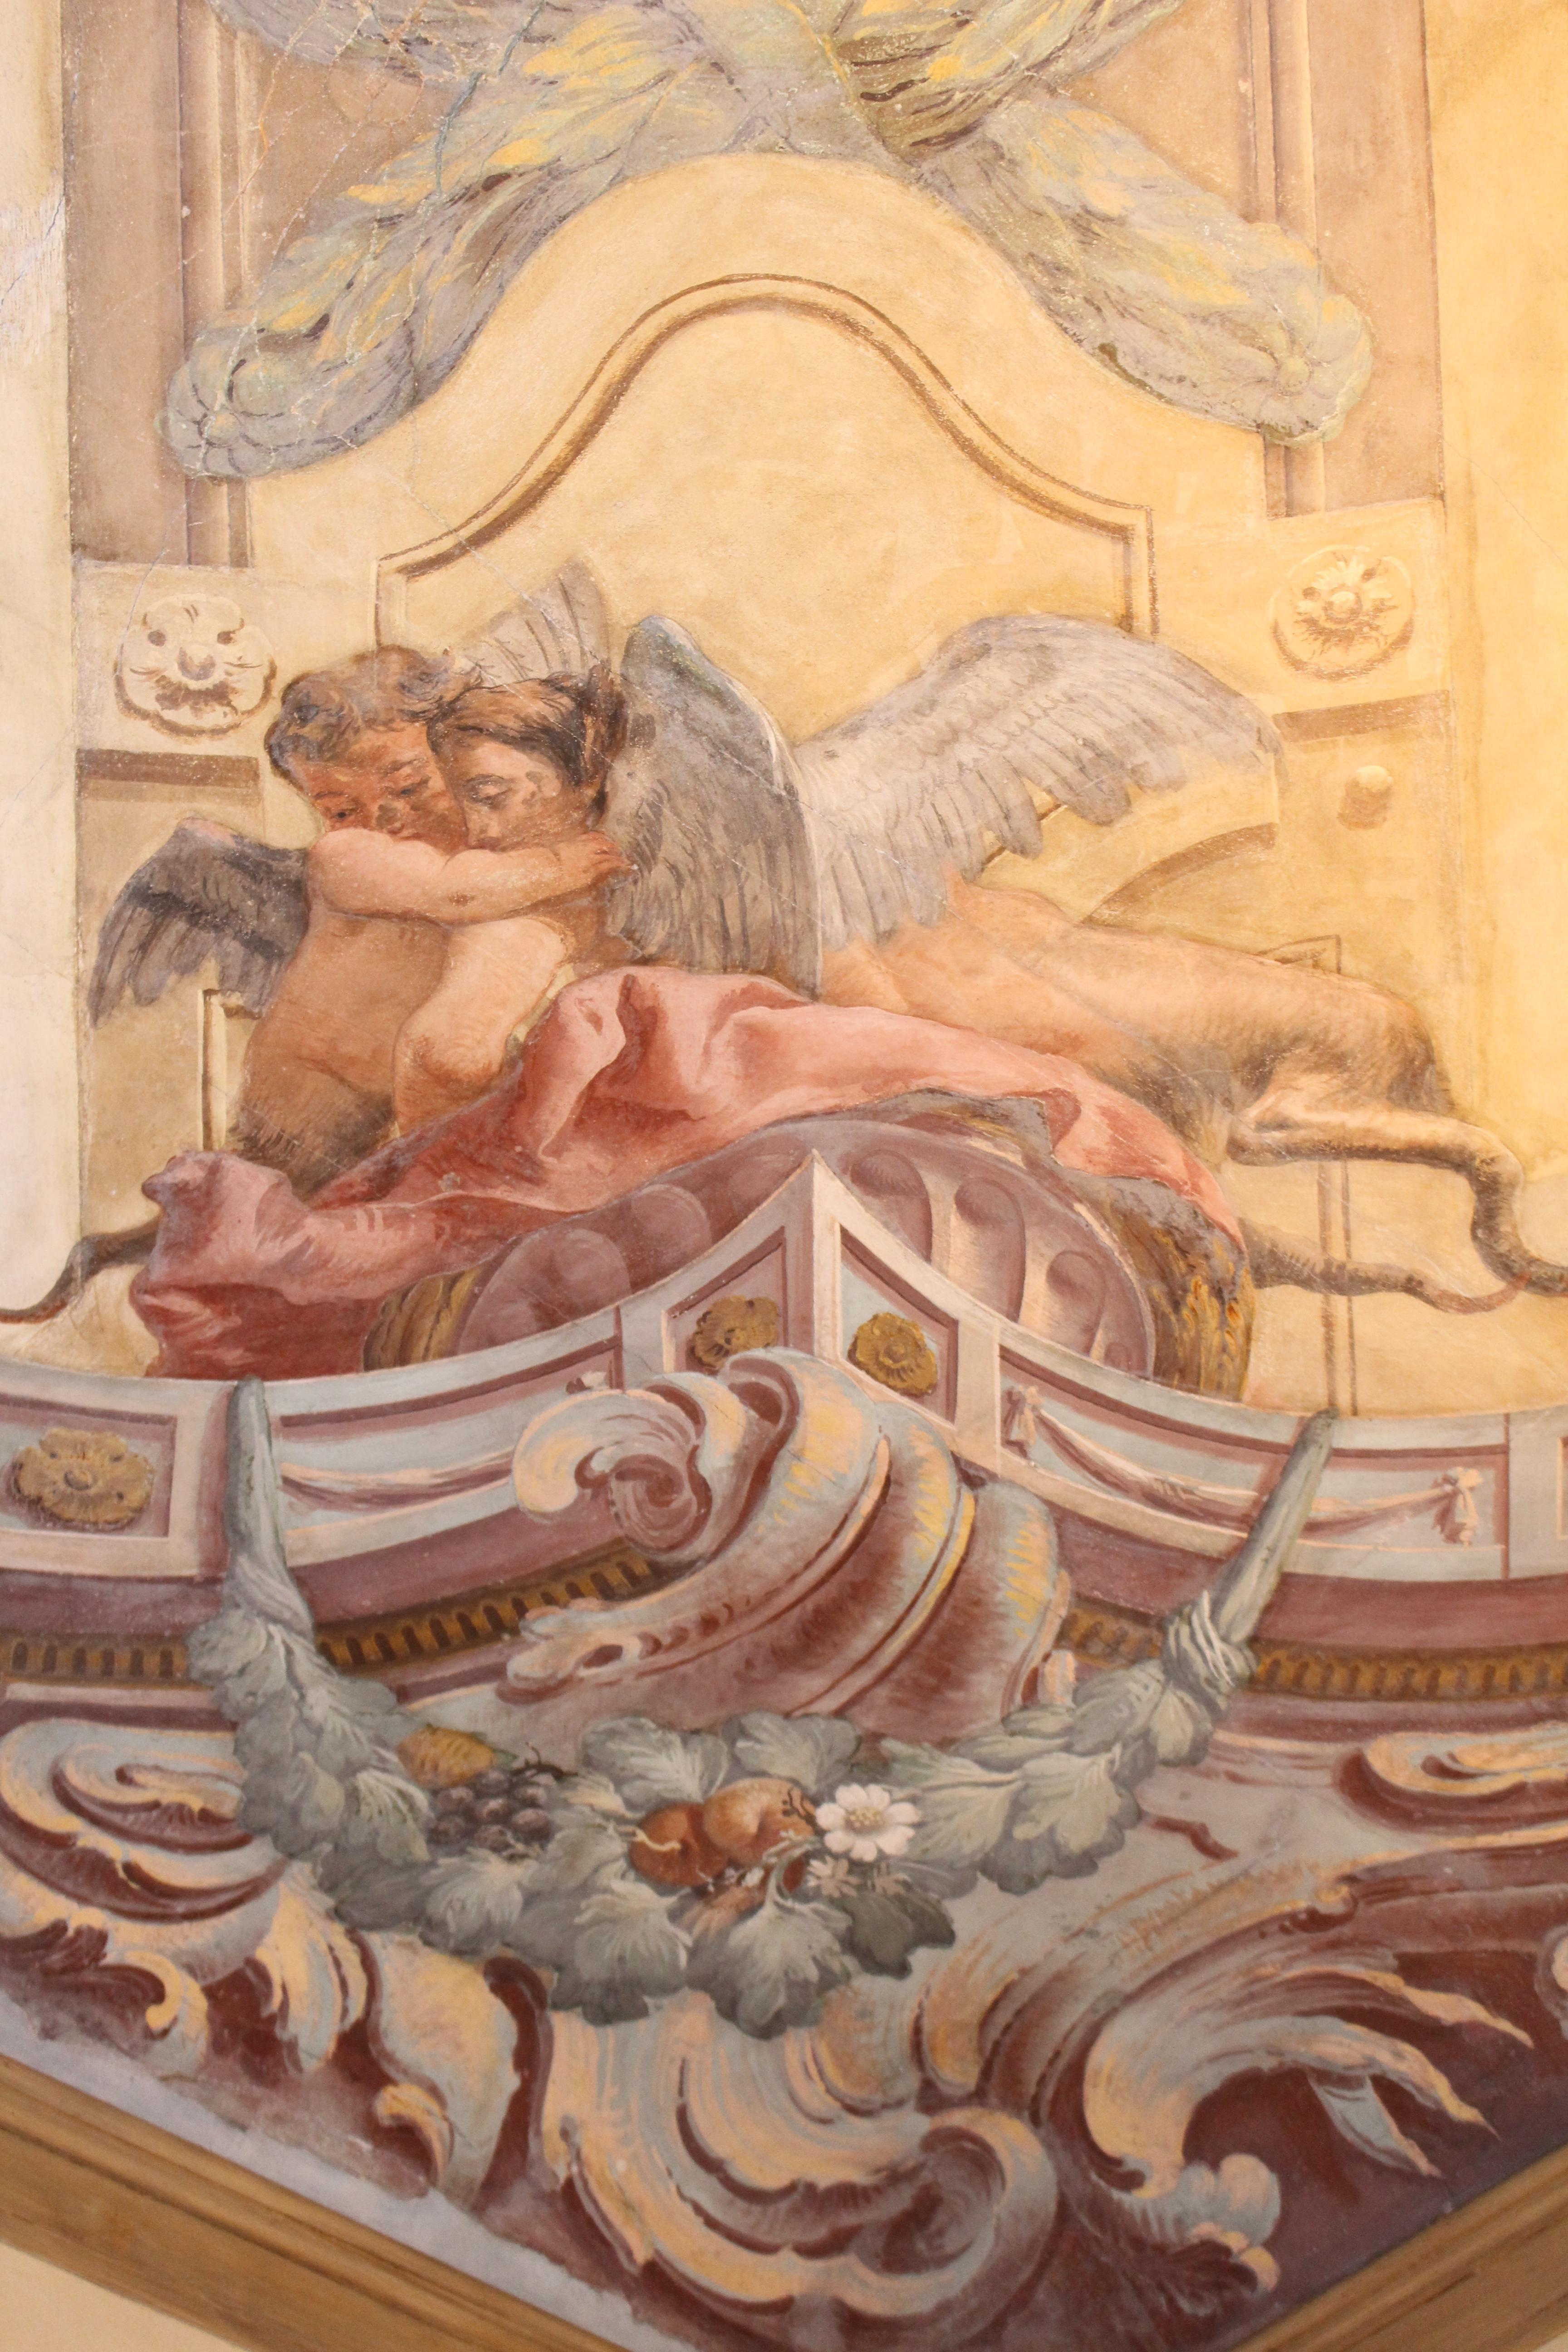 détail angulaire de la fresque de l'école de Tiepolo